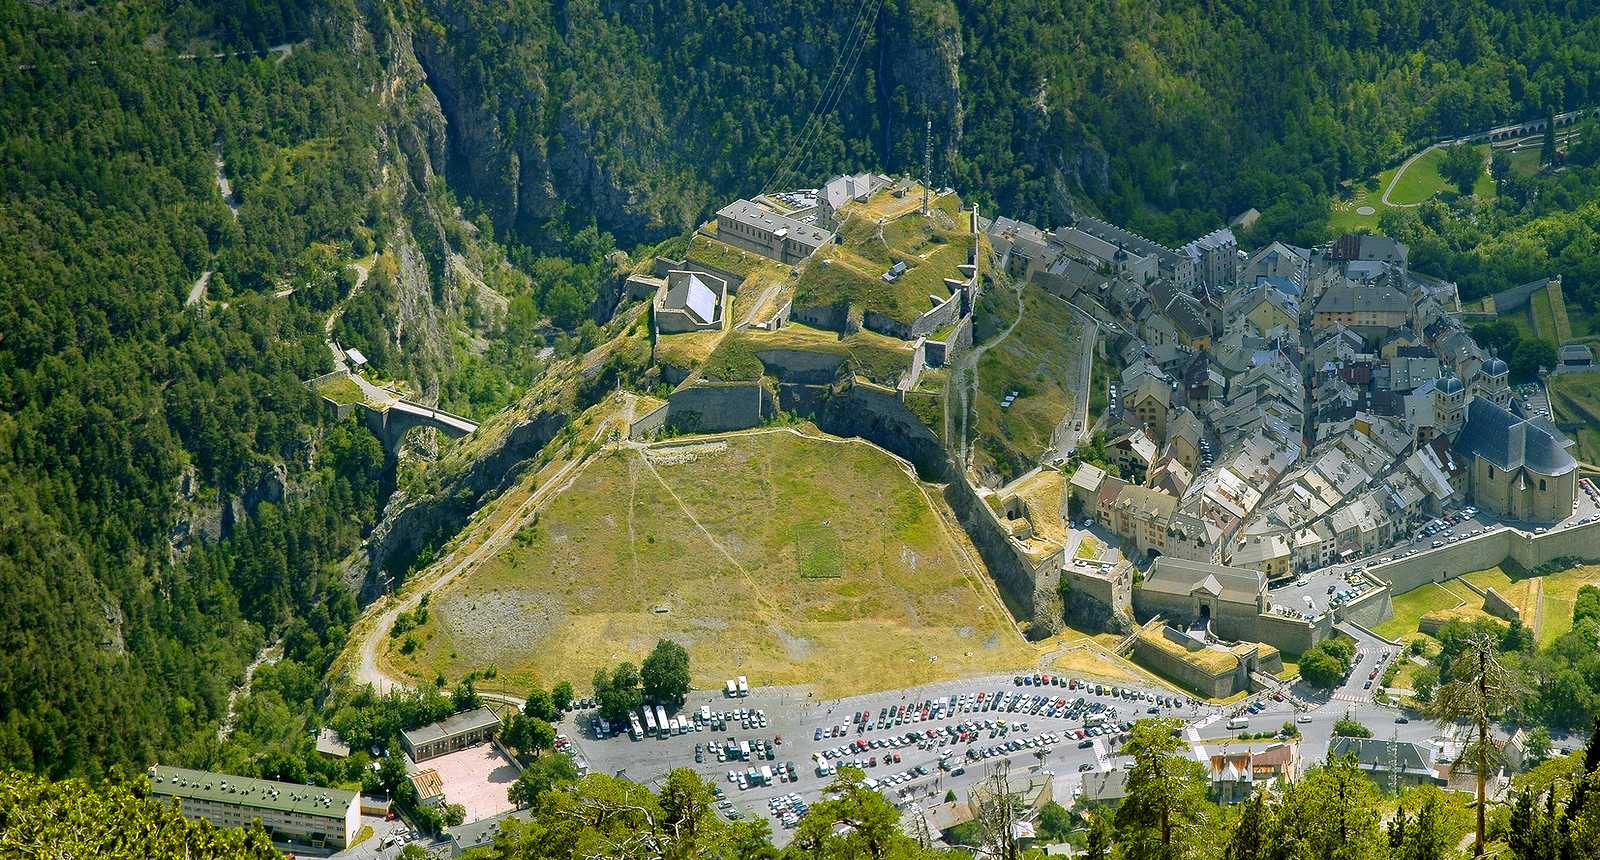 Office de tourisme de brian on brian on 05100 - Office tourisme montgenevre hautes alpes ...